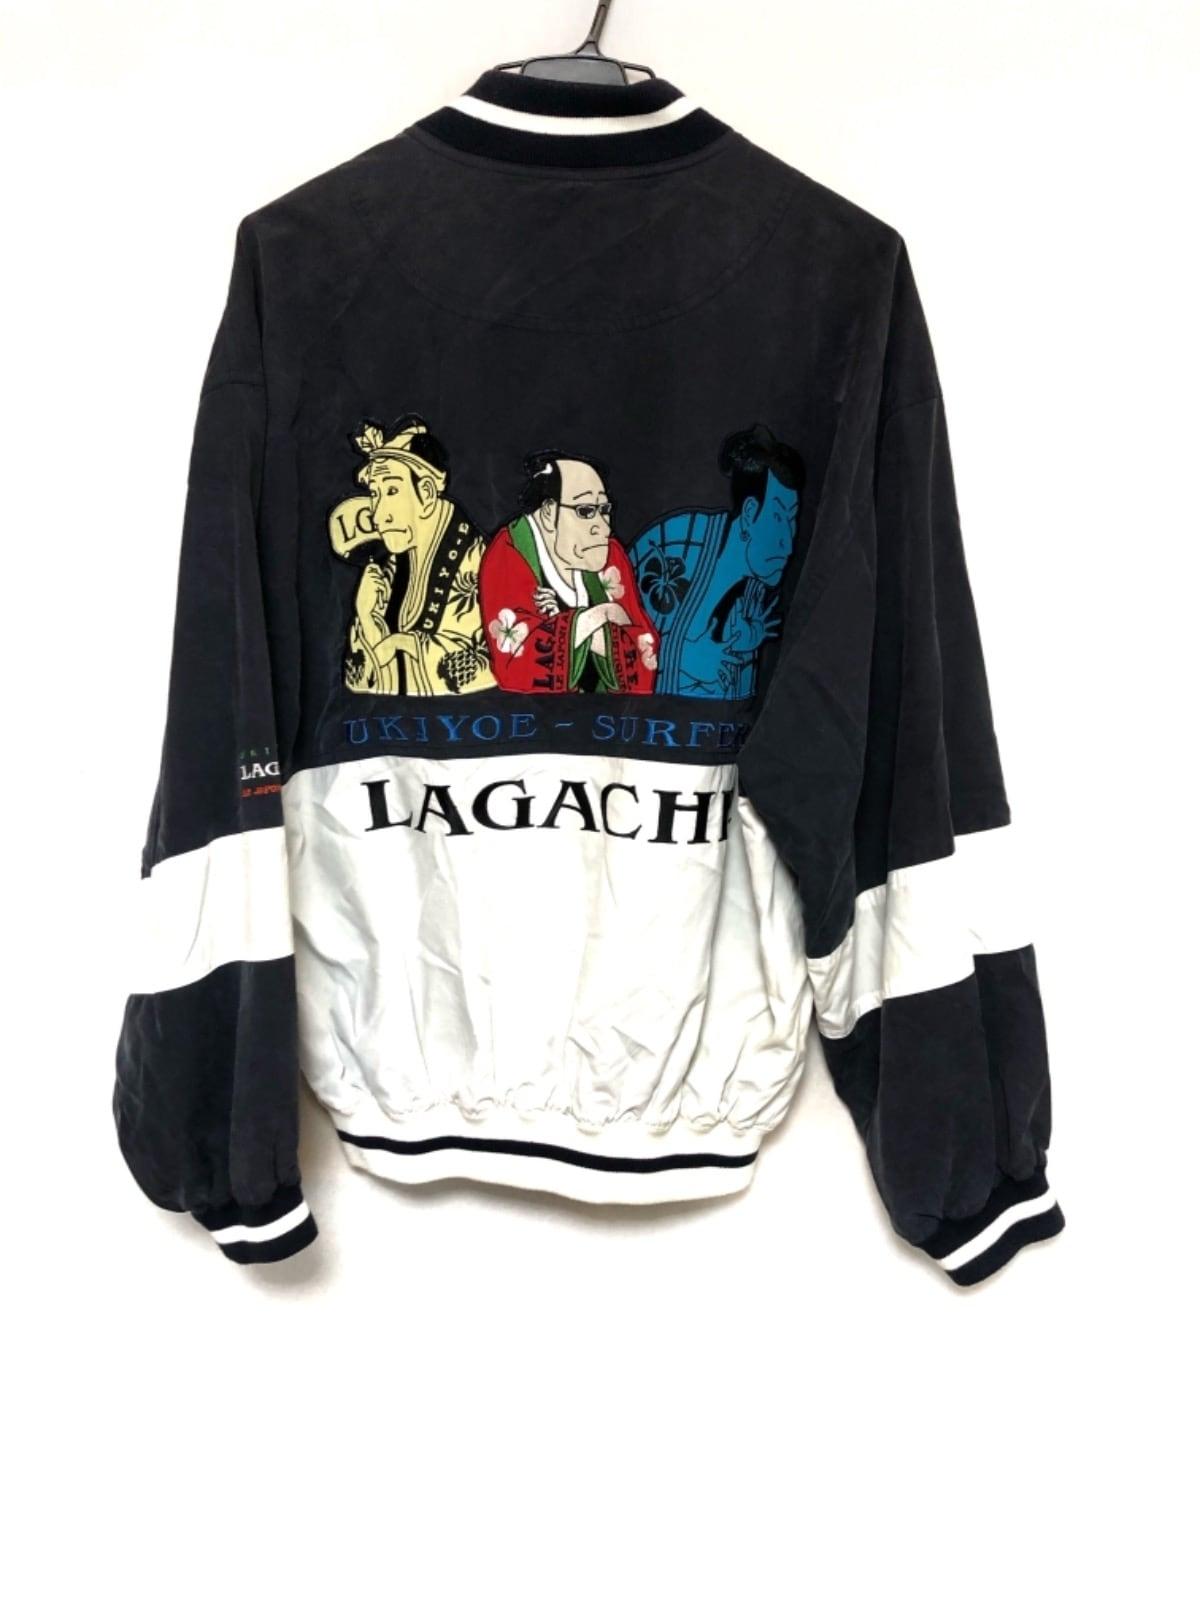 LAGACHE(ラガチェ)のブルゾン